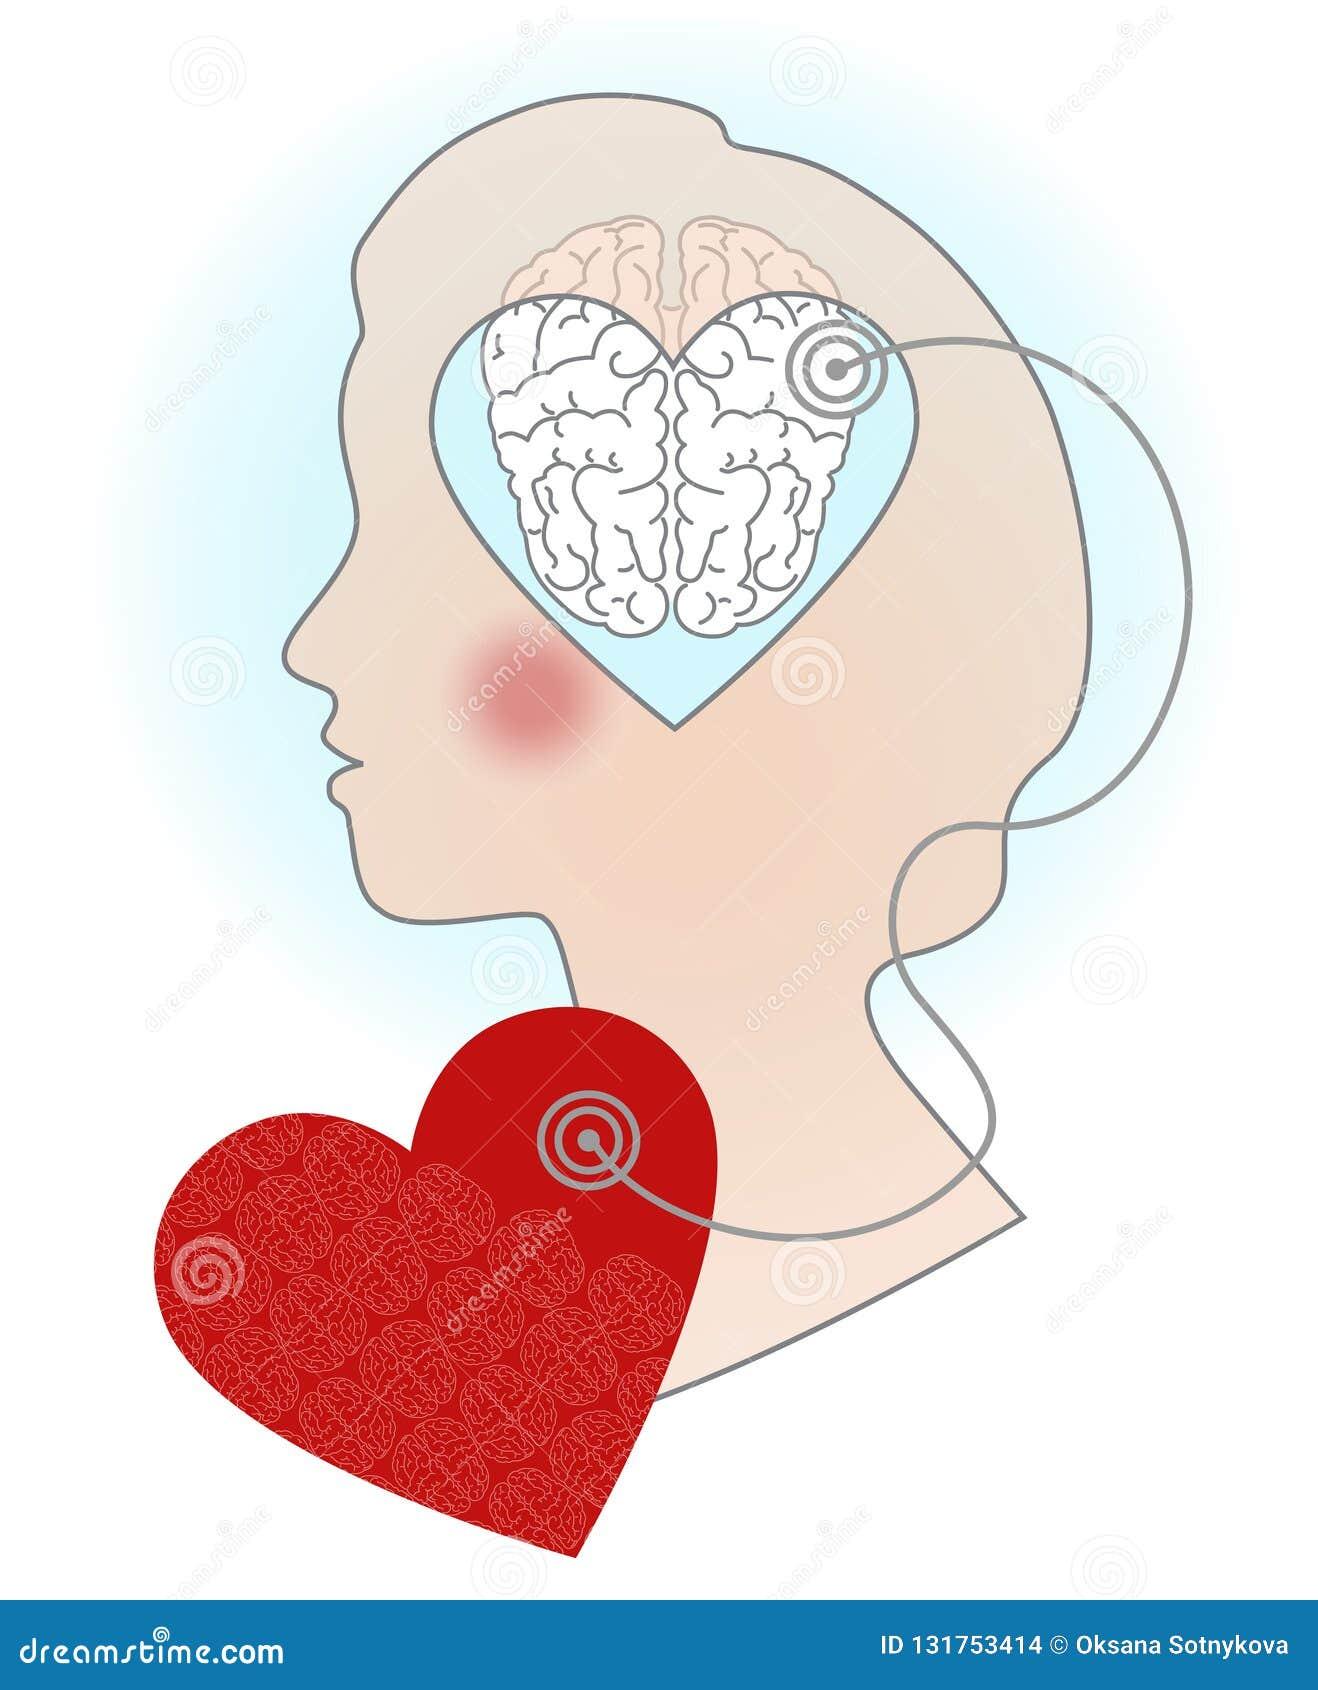 Silueta de la cabeza de una muchacha, un ejemplo de la relación del cerebro y corazón